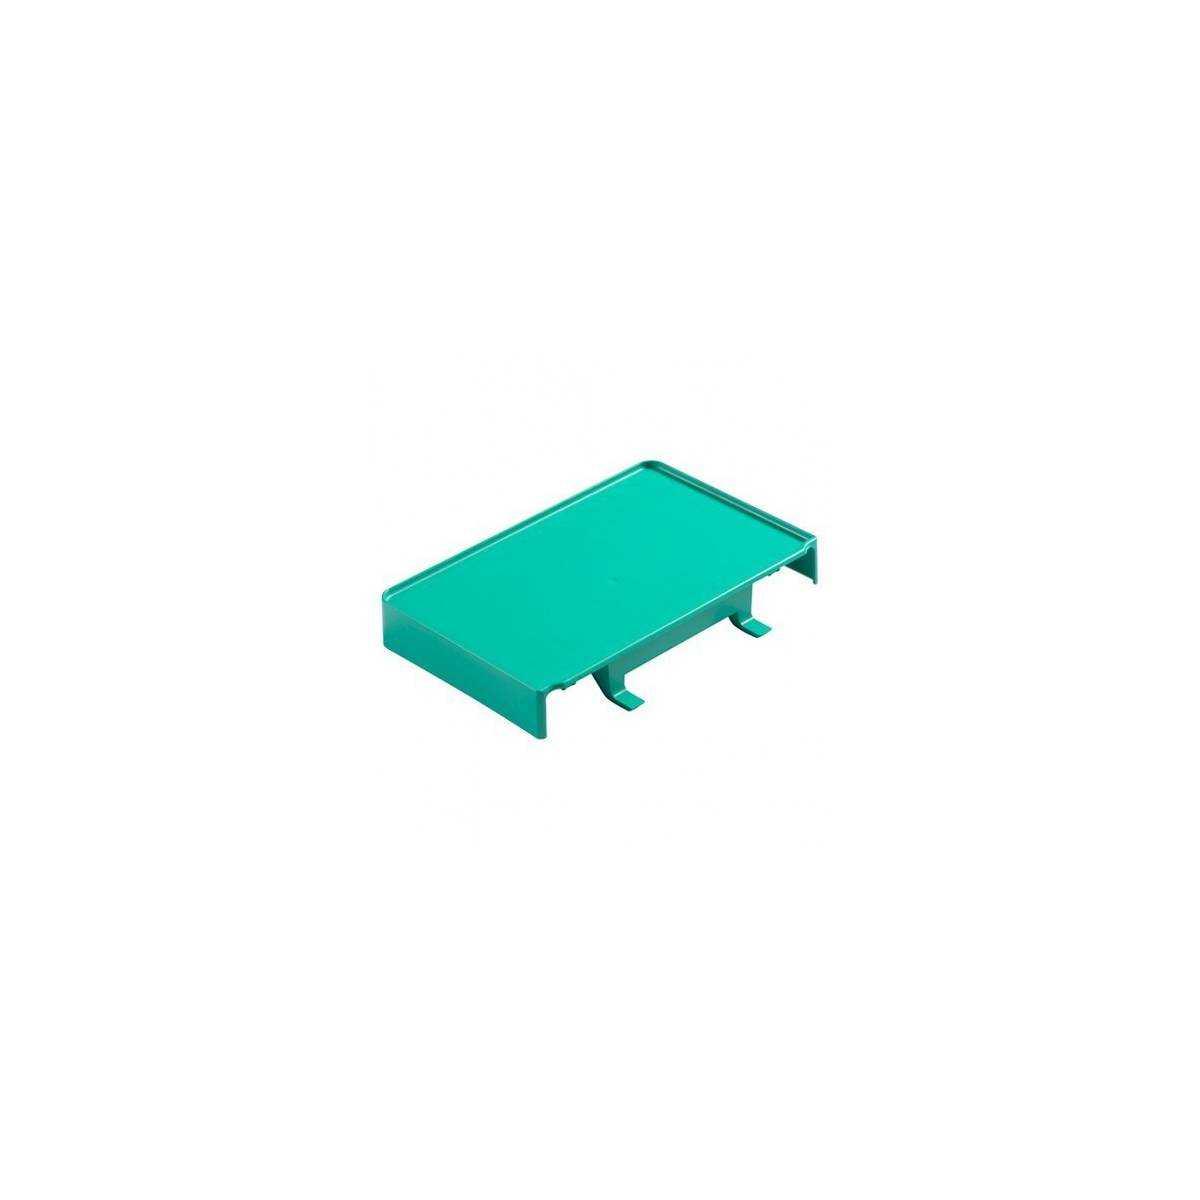 Дополнительная поддержка мешка для тележек GreenLine (T030370) T030370 TTS